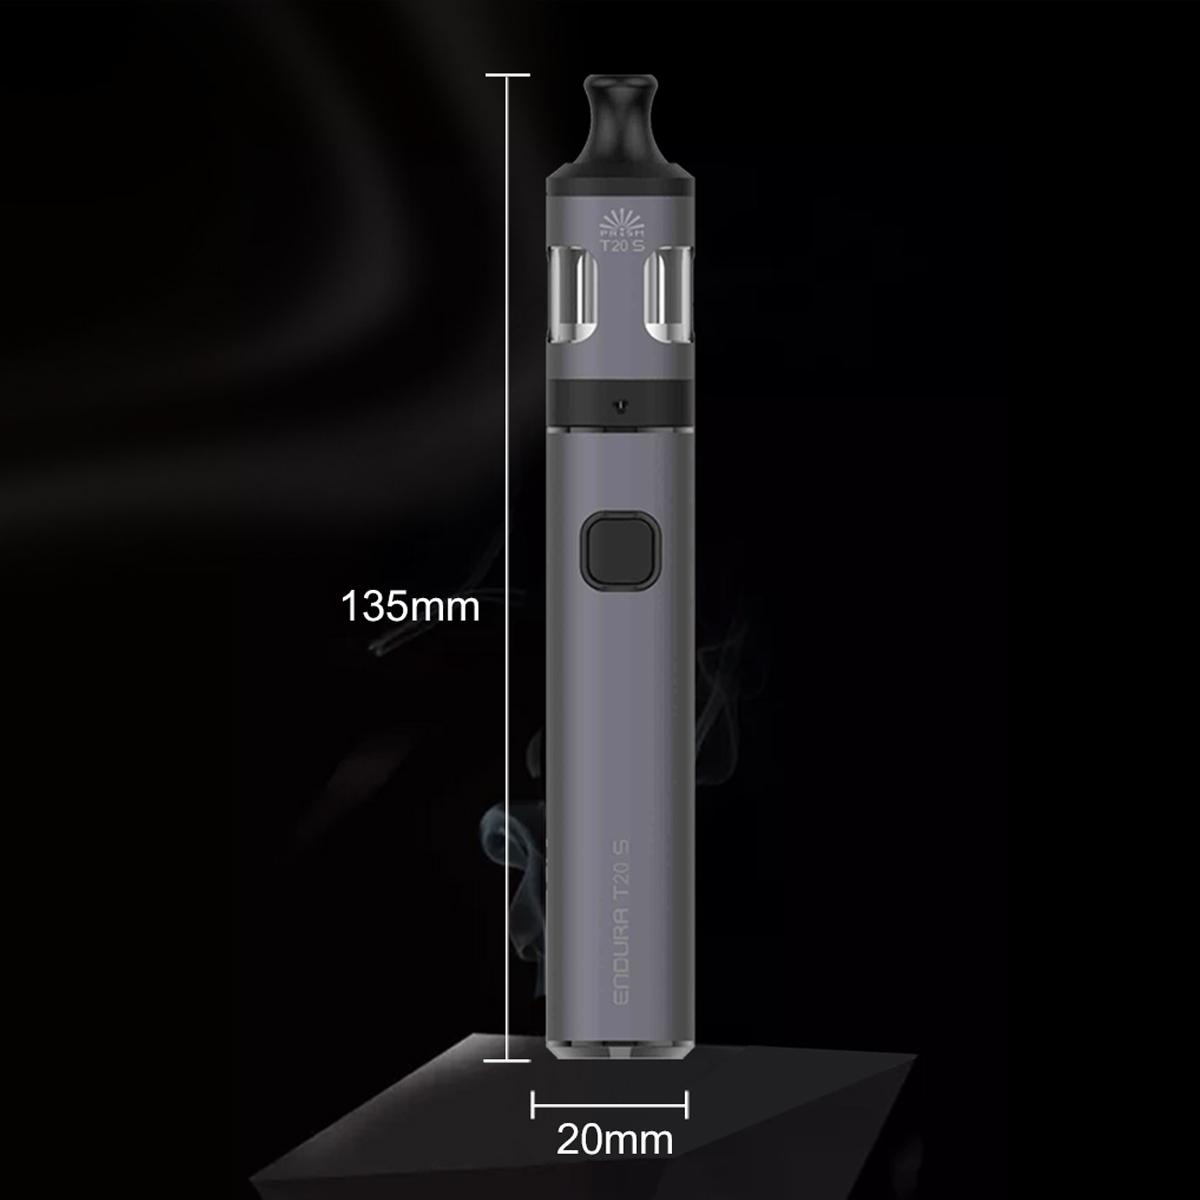 INNOKIN Endura T20-S 2ml Grå - 1500mAh